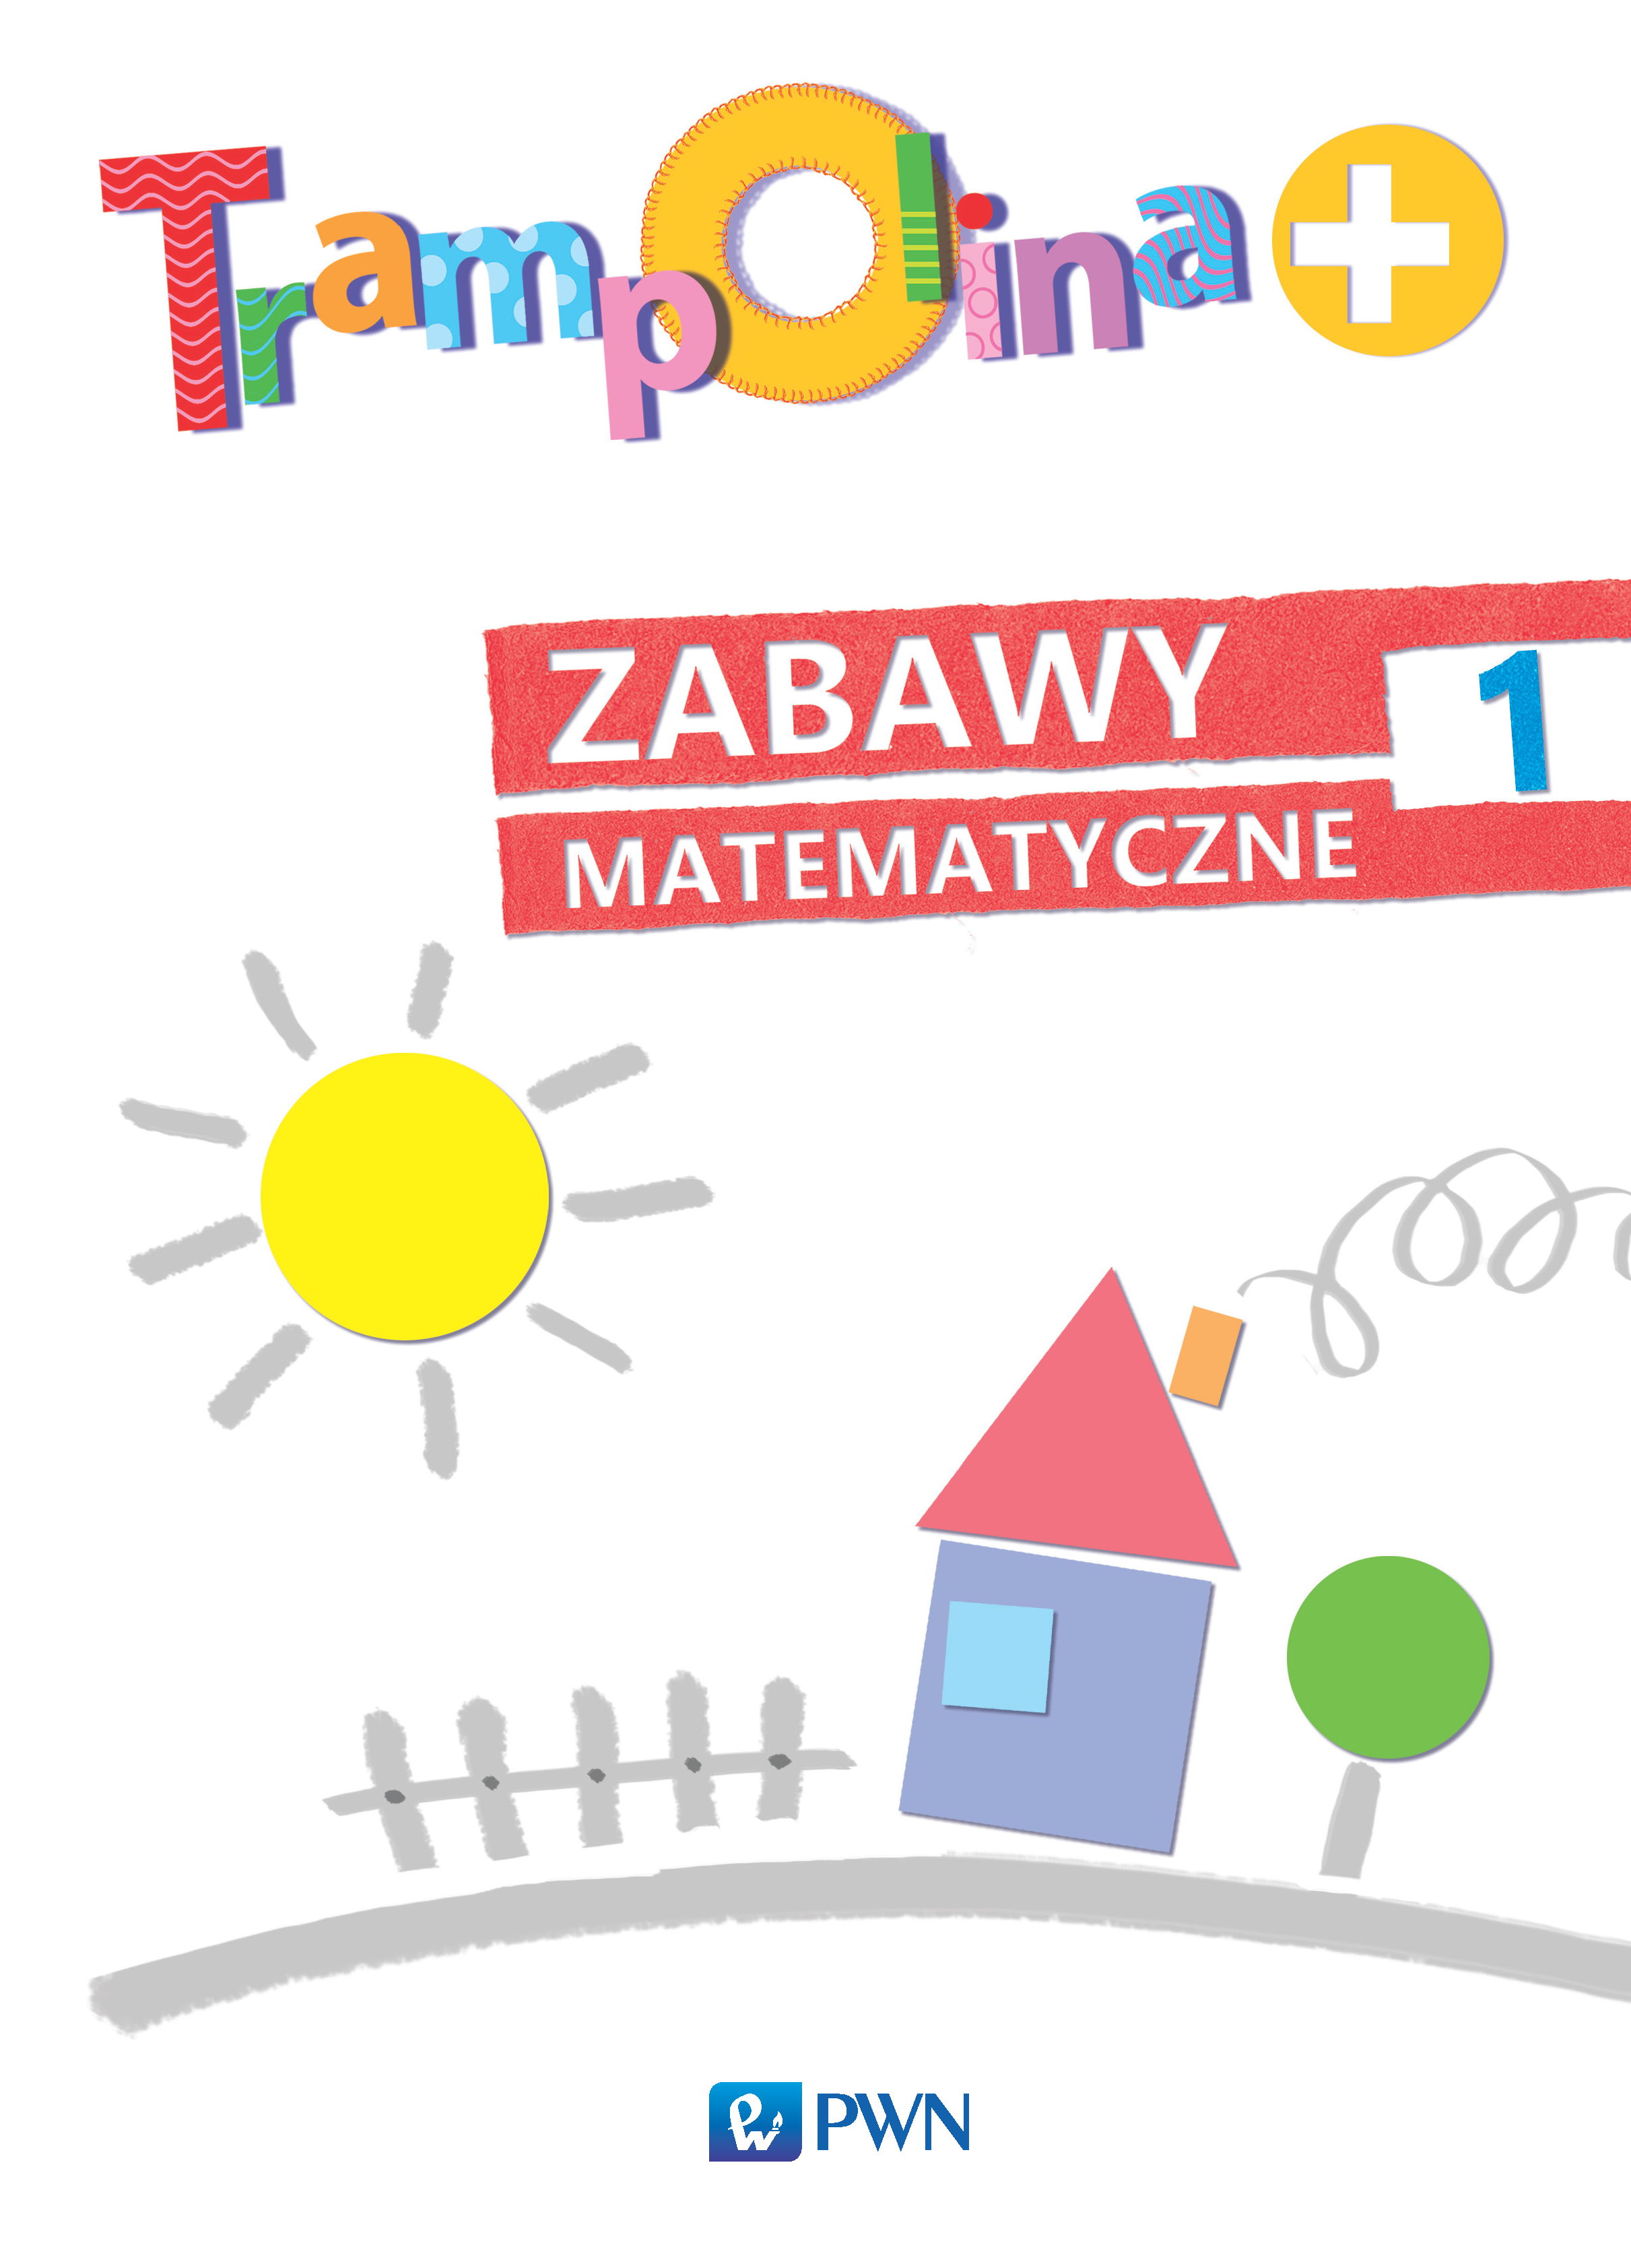 Tramp_plus_zabawy_matematyczne1.png